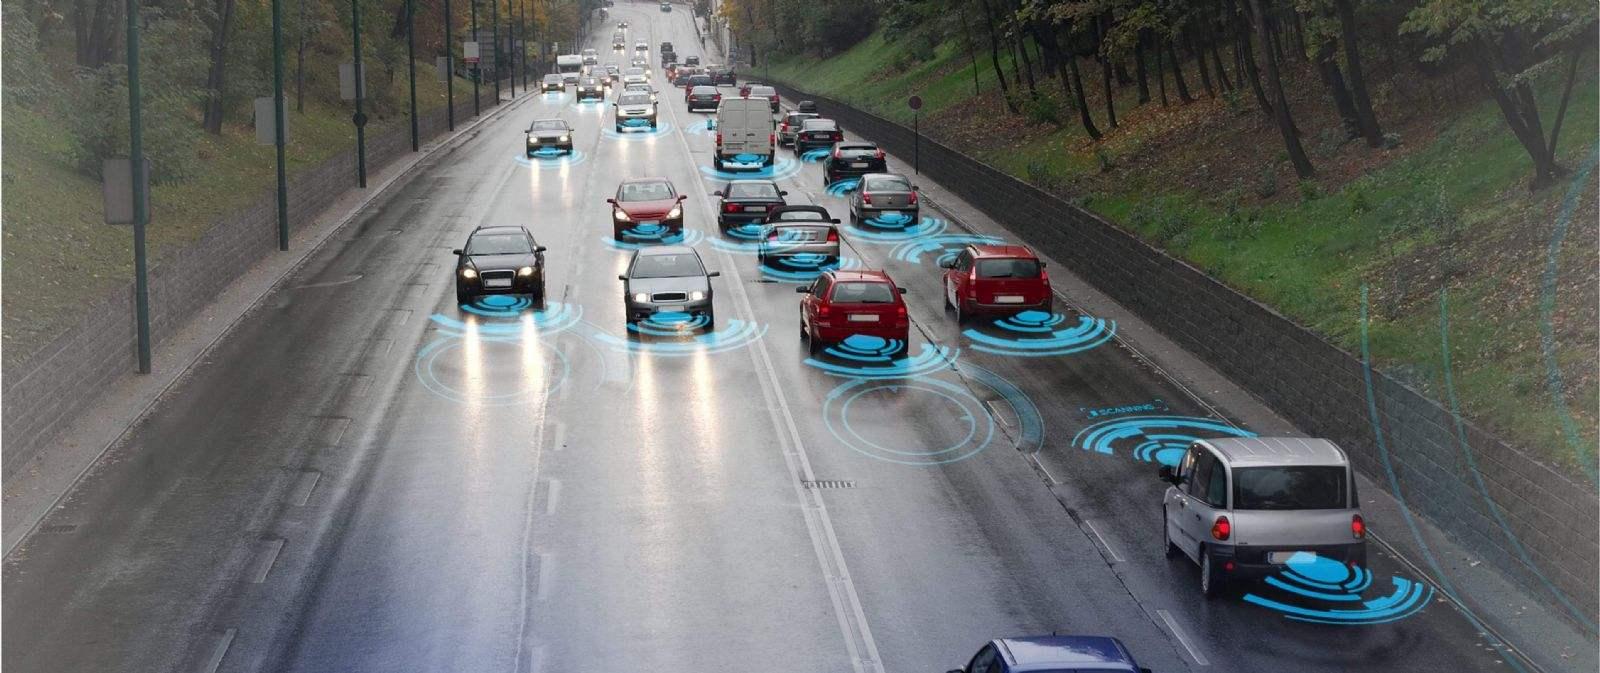 车联网、智慧物流将乘风而起?《交通强国建设纲要》全解读